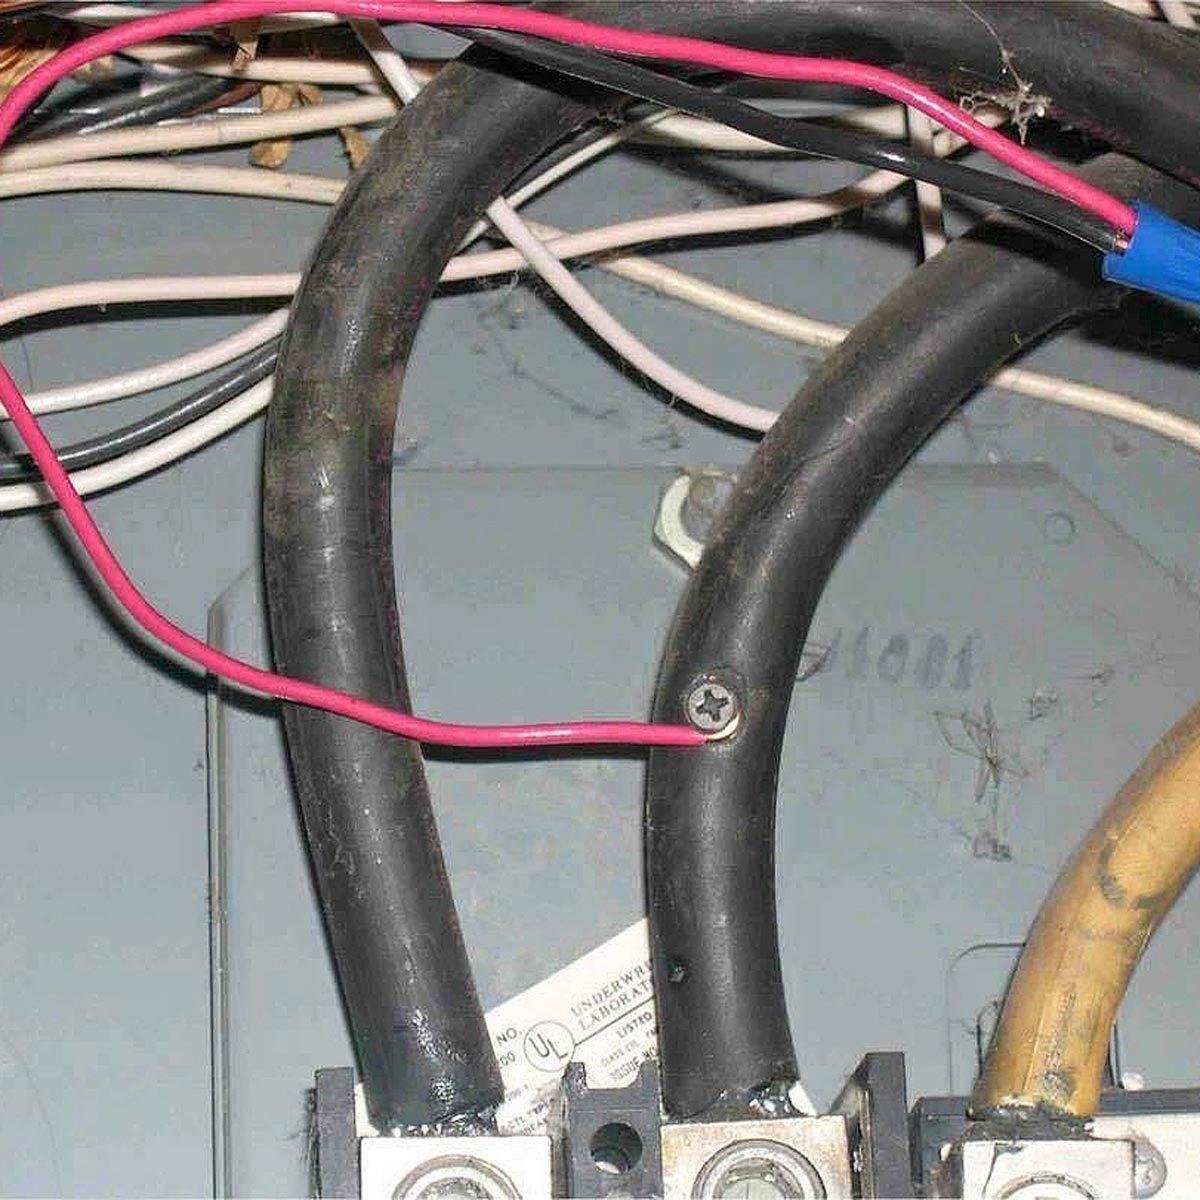 widow maker electrical bypass circuit breaker